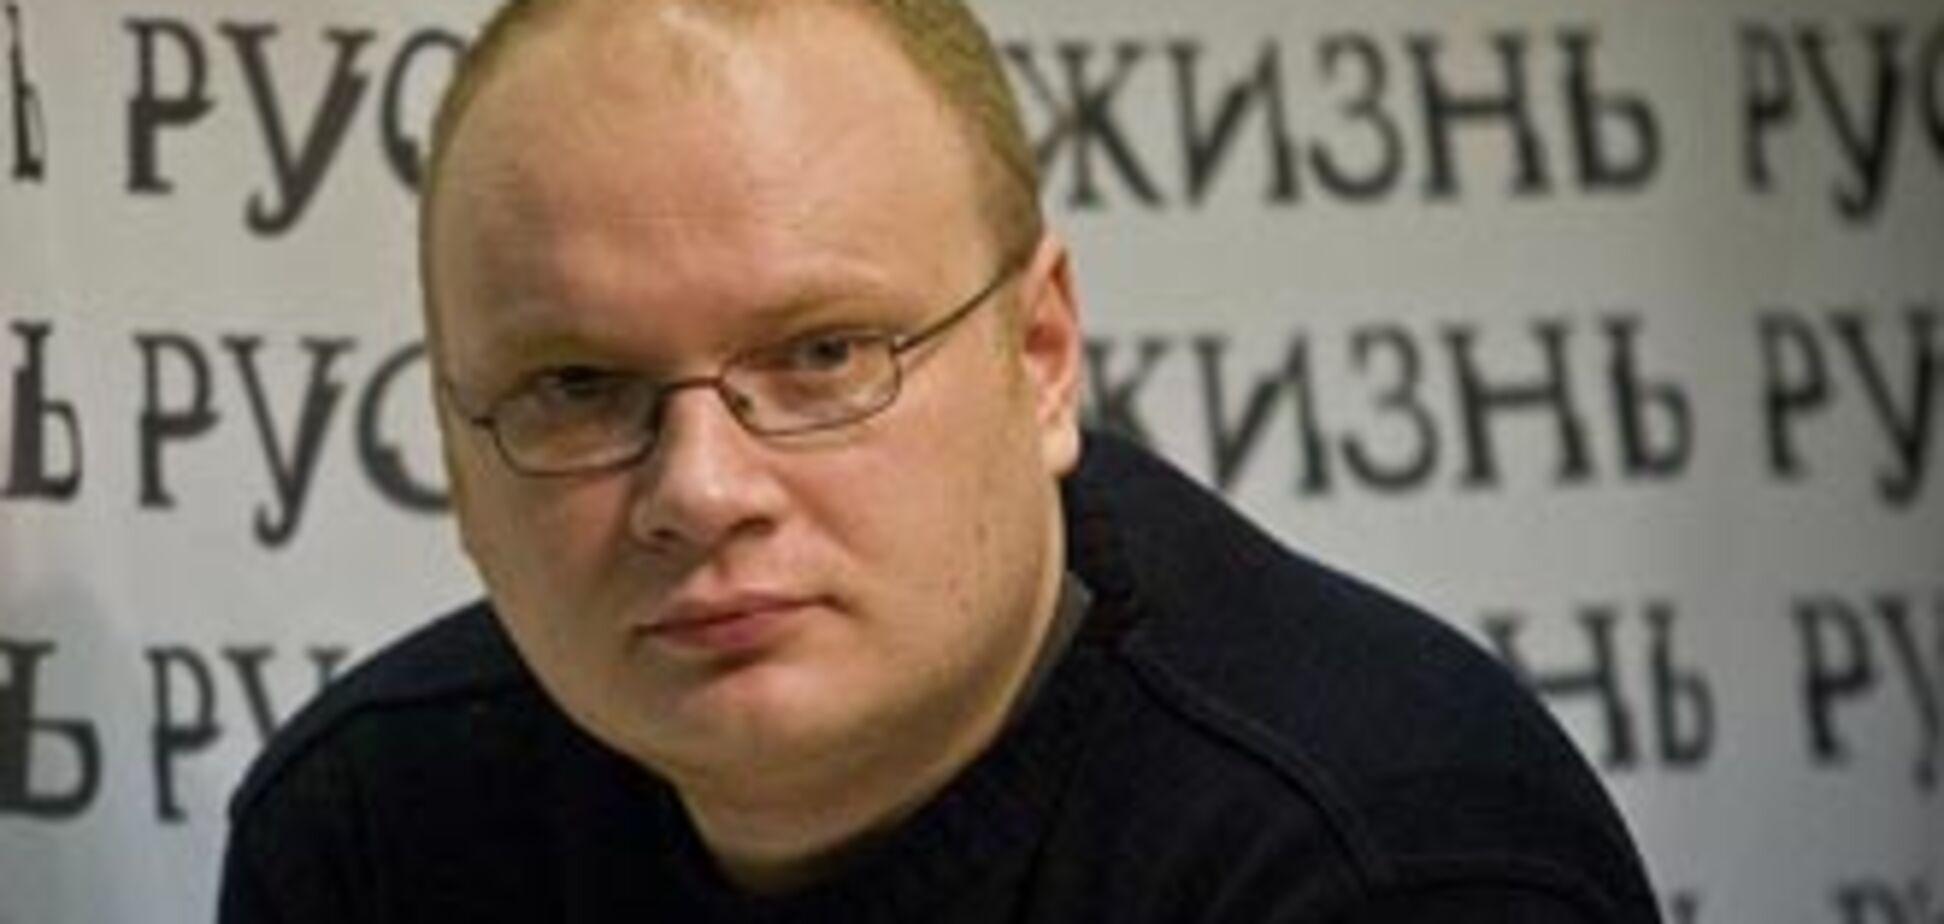 Российский журналист дерзко оскорбил украинцев: сеть в гневе